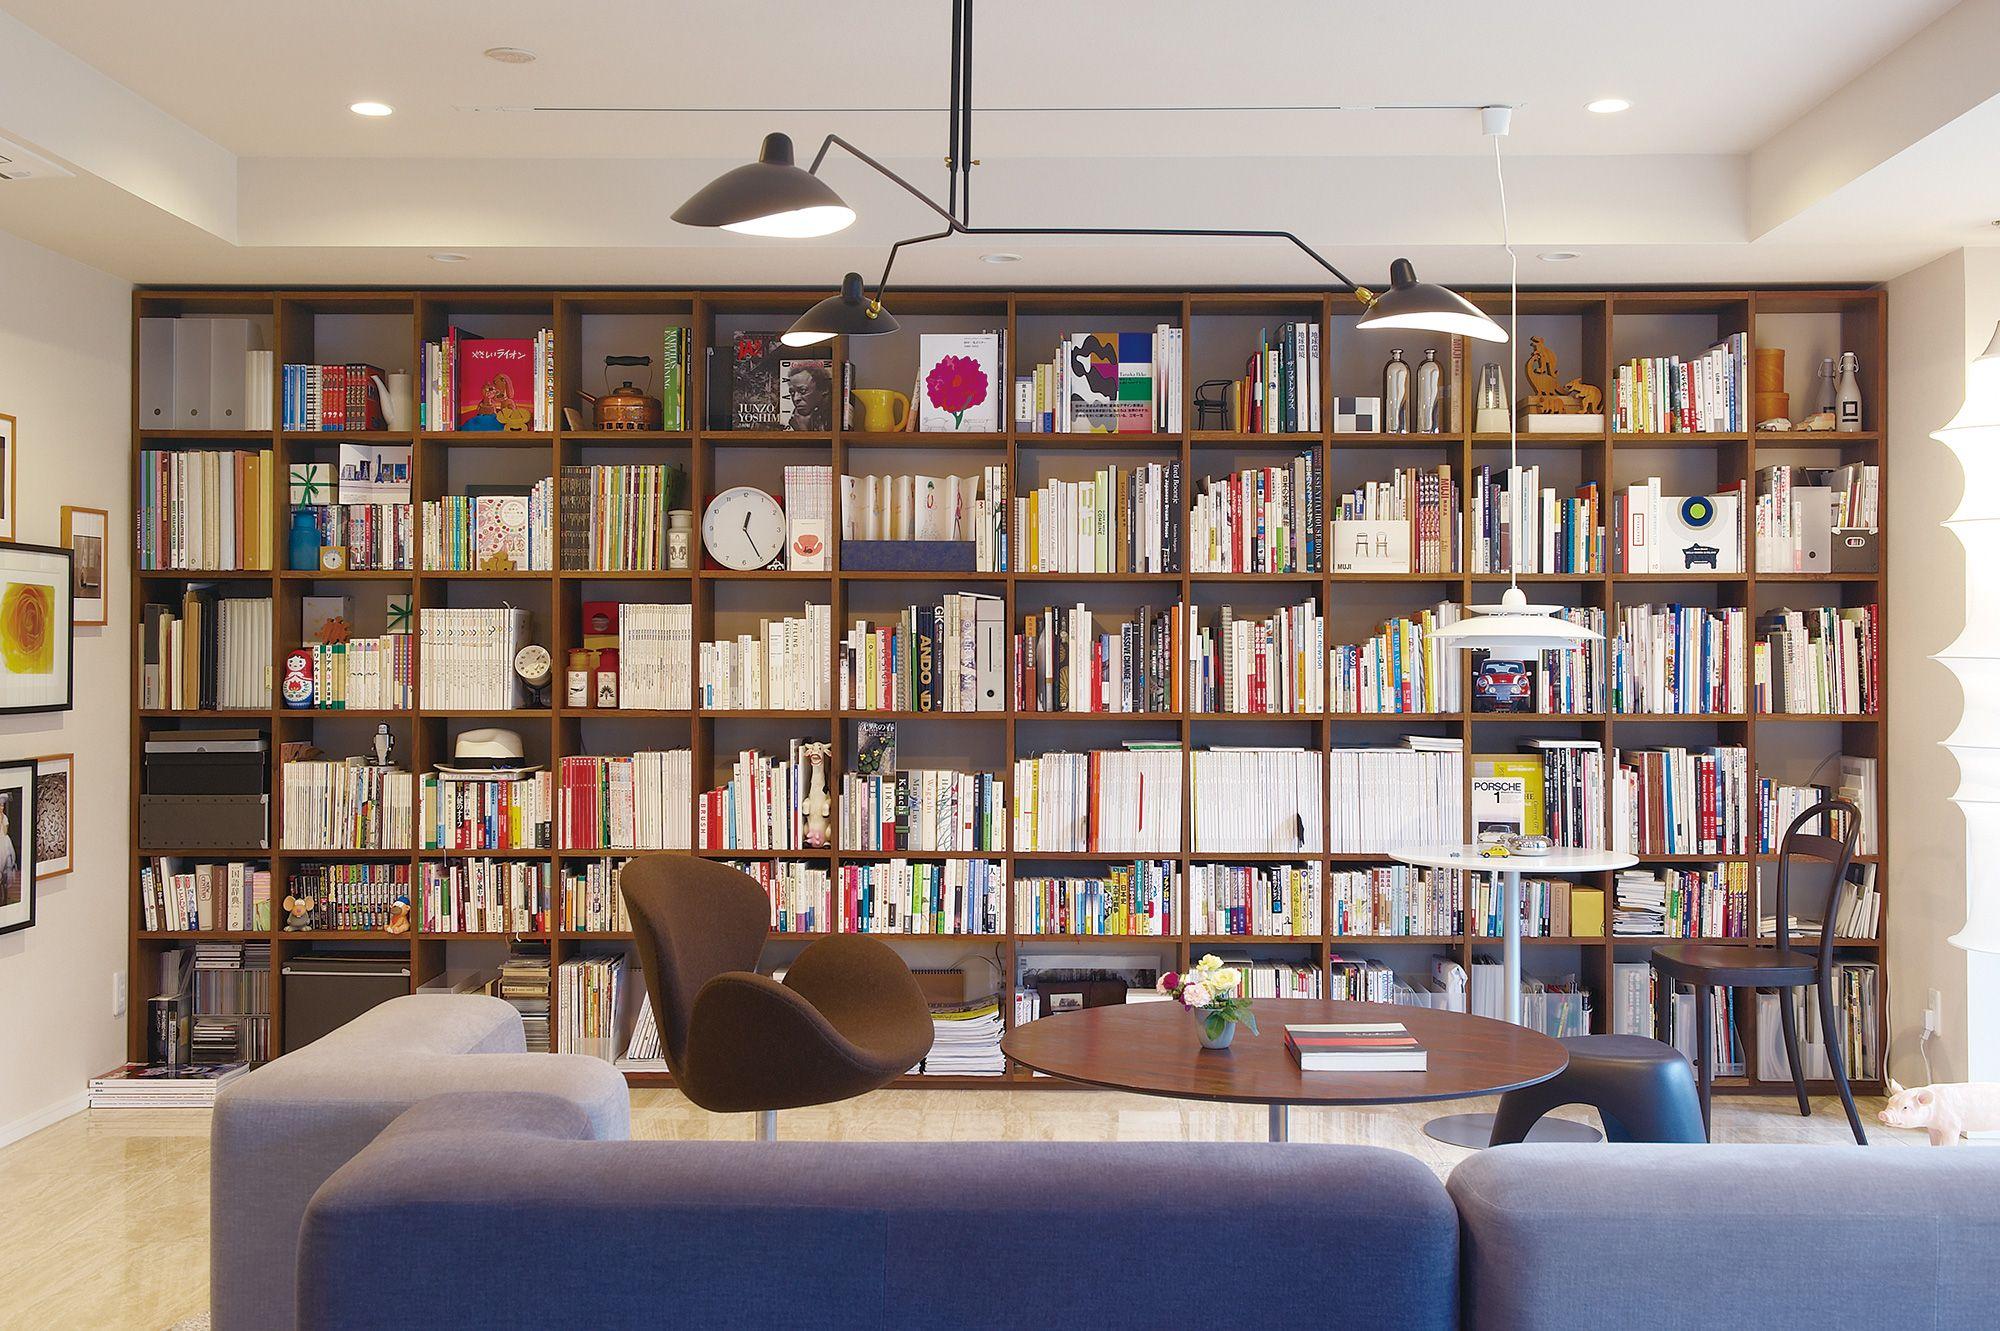 床から天井までの壁一面を 収納スペース としてまとめれば 大量の本